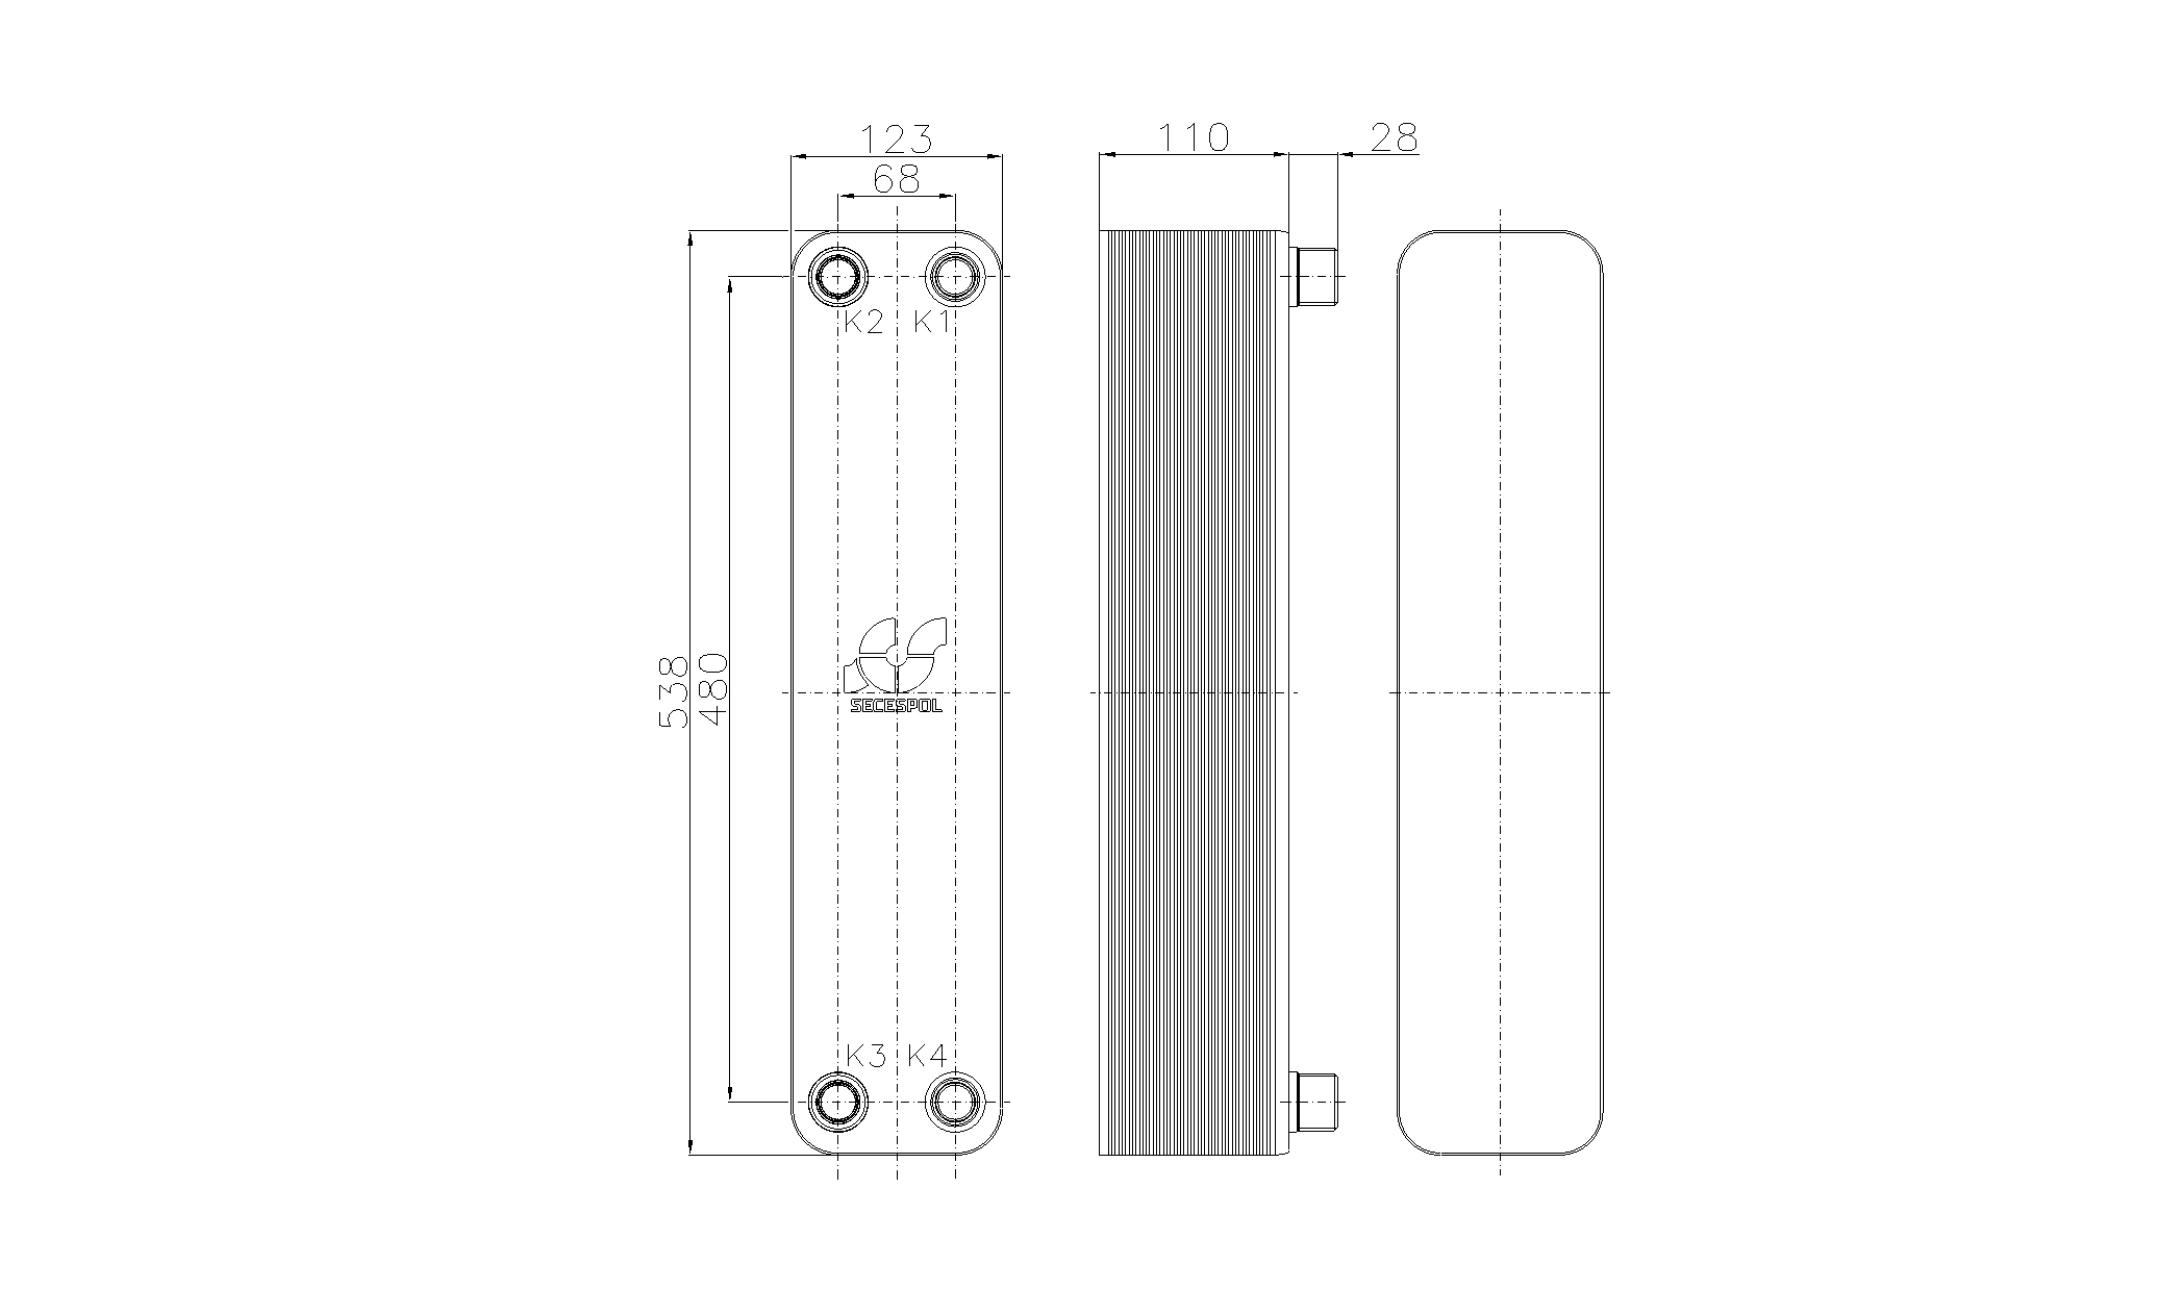 Габаритные размеры паяного пластинчатого теплообменника Secespol RB60-40